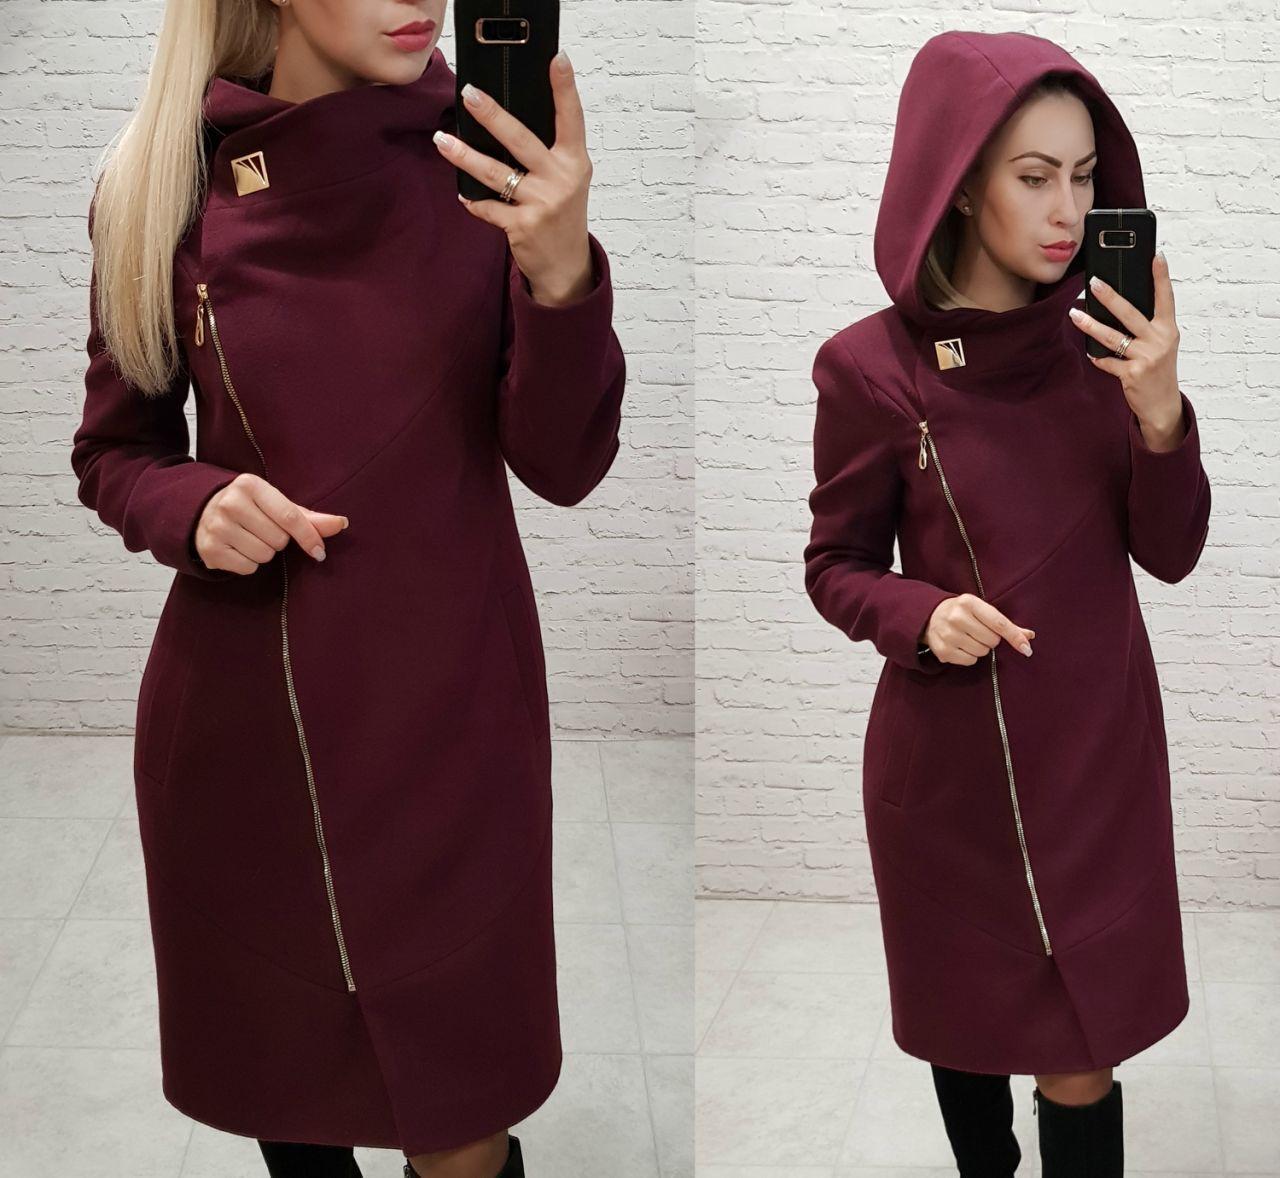 Пальто кашемировое с капюшоном, модель 136, цвет - марсала